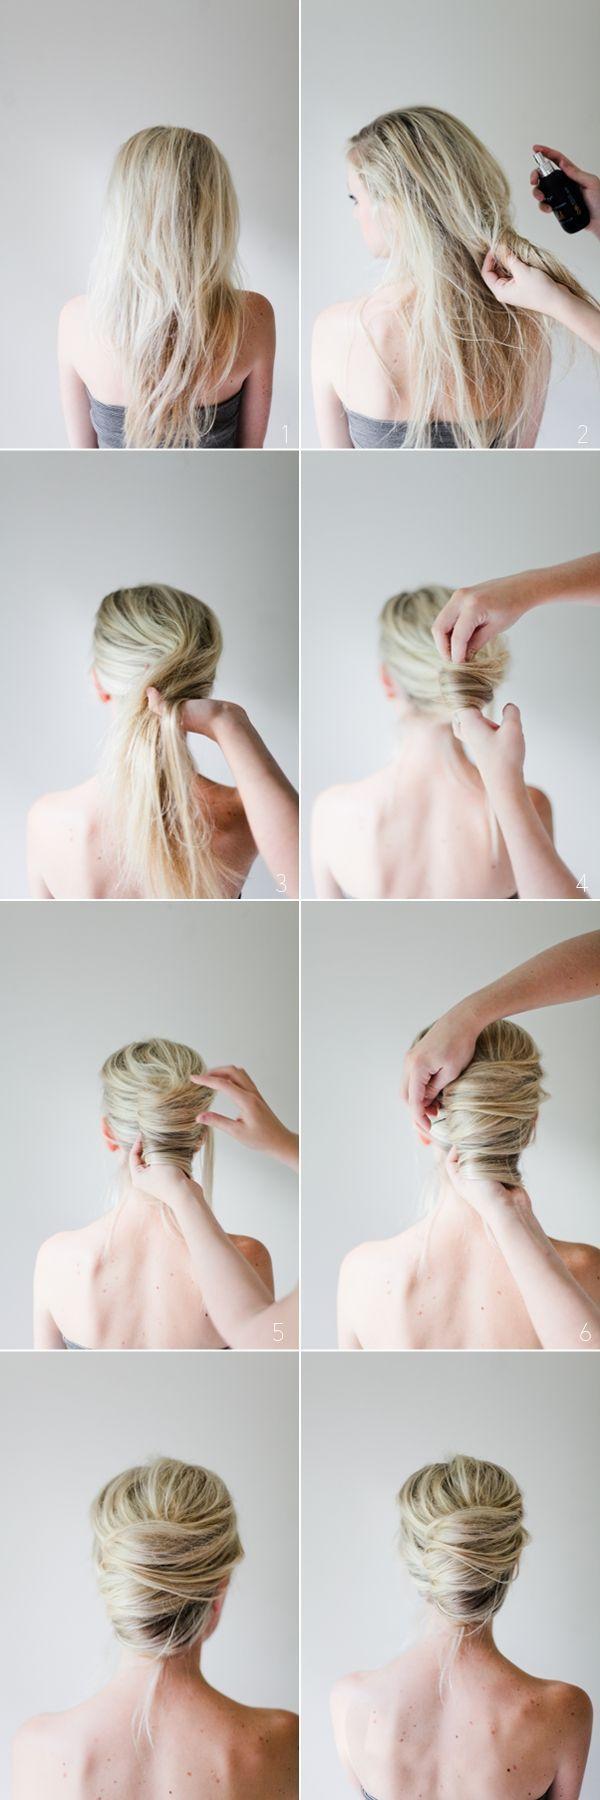 DIY Casual-Hochsteckfrisur-Französisch Twist Hair Banane Bilder Guide - #banane...